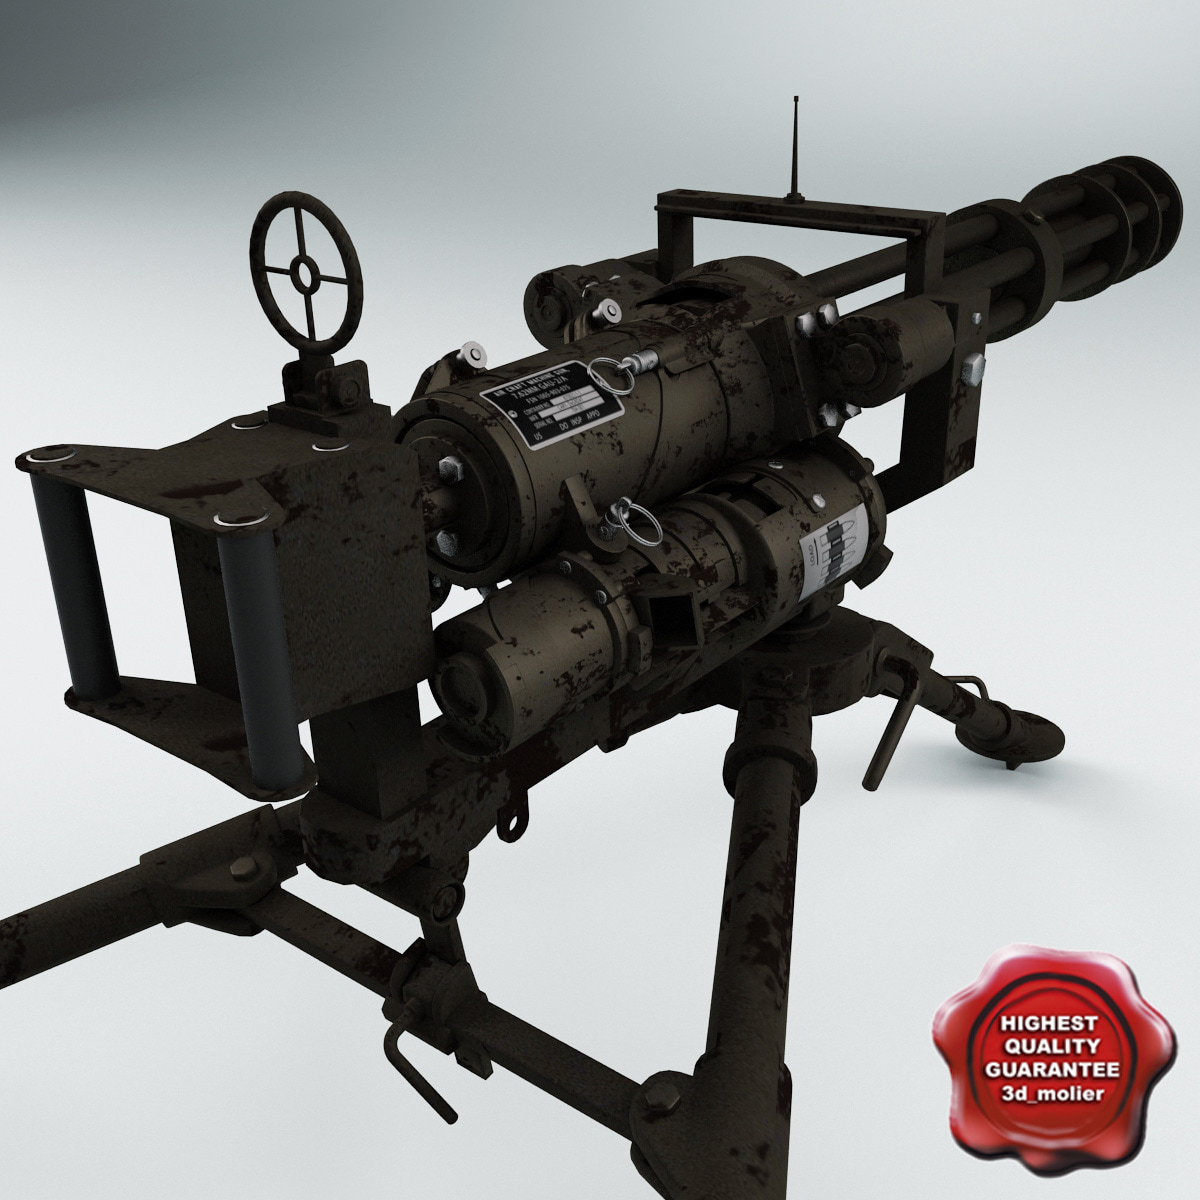 Minigun_M134_and_Tripod_Mount_00.jpg